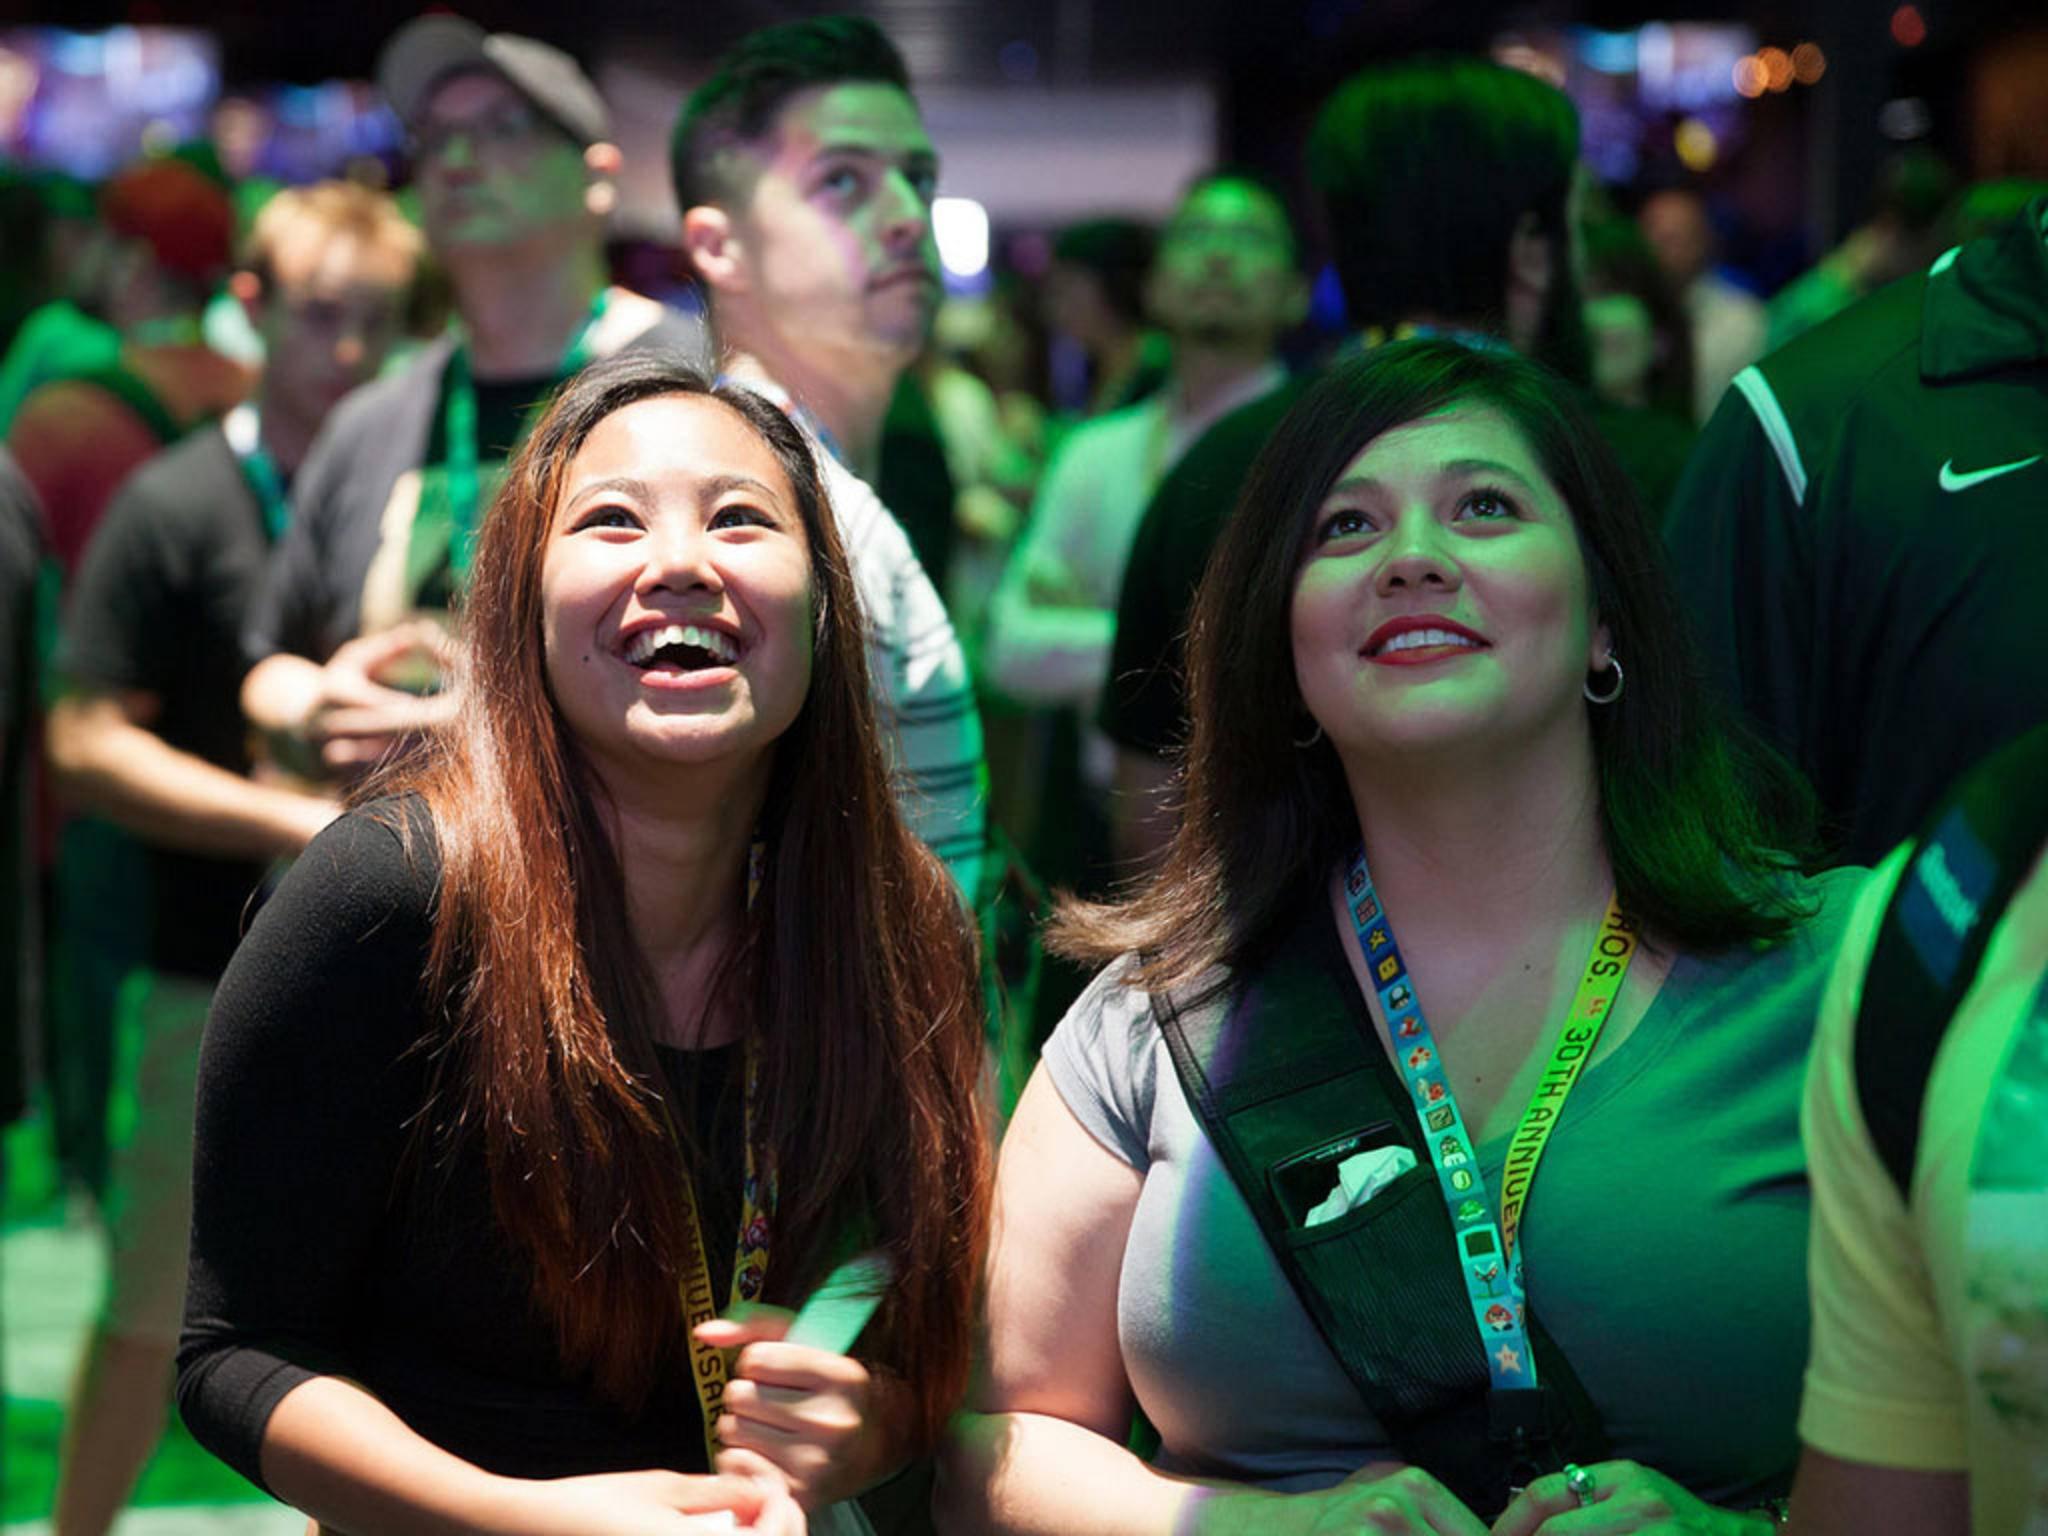 Die E3 2016 wird die Herzen der Gamer höher schlagen lassen.